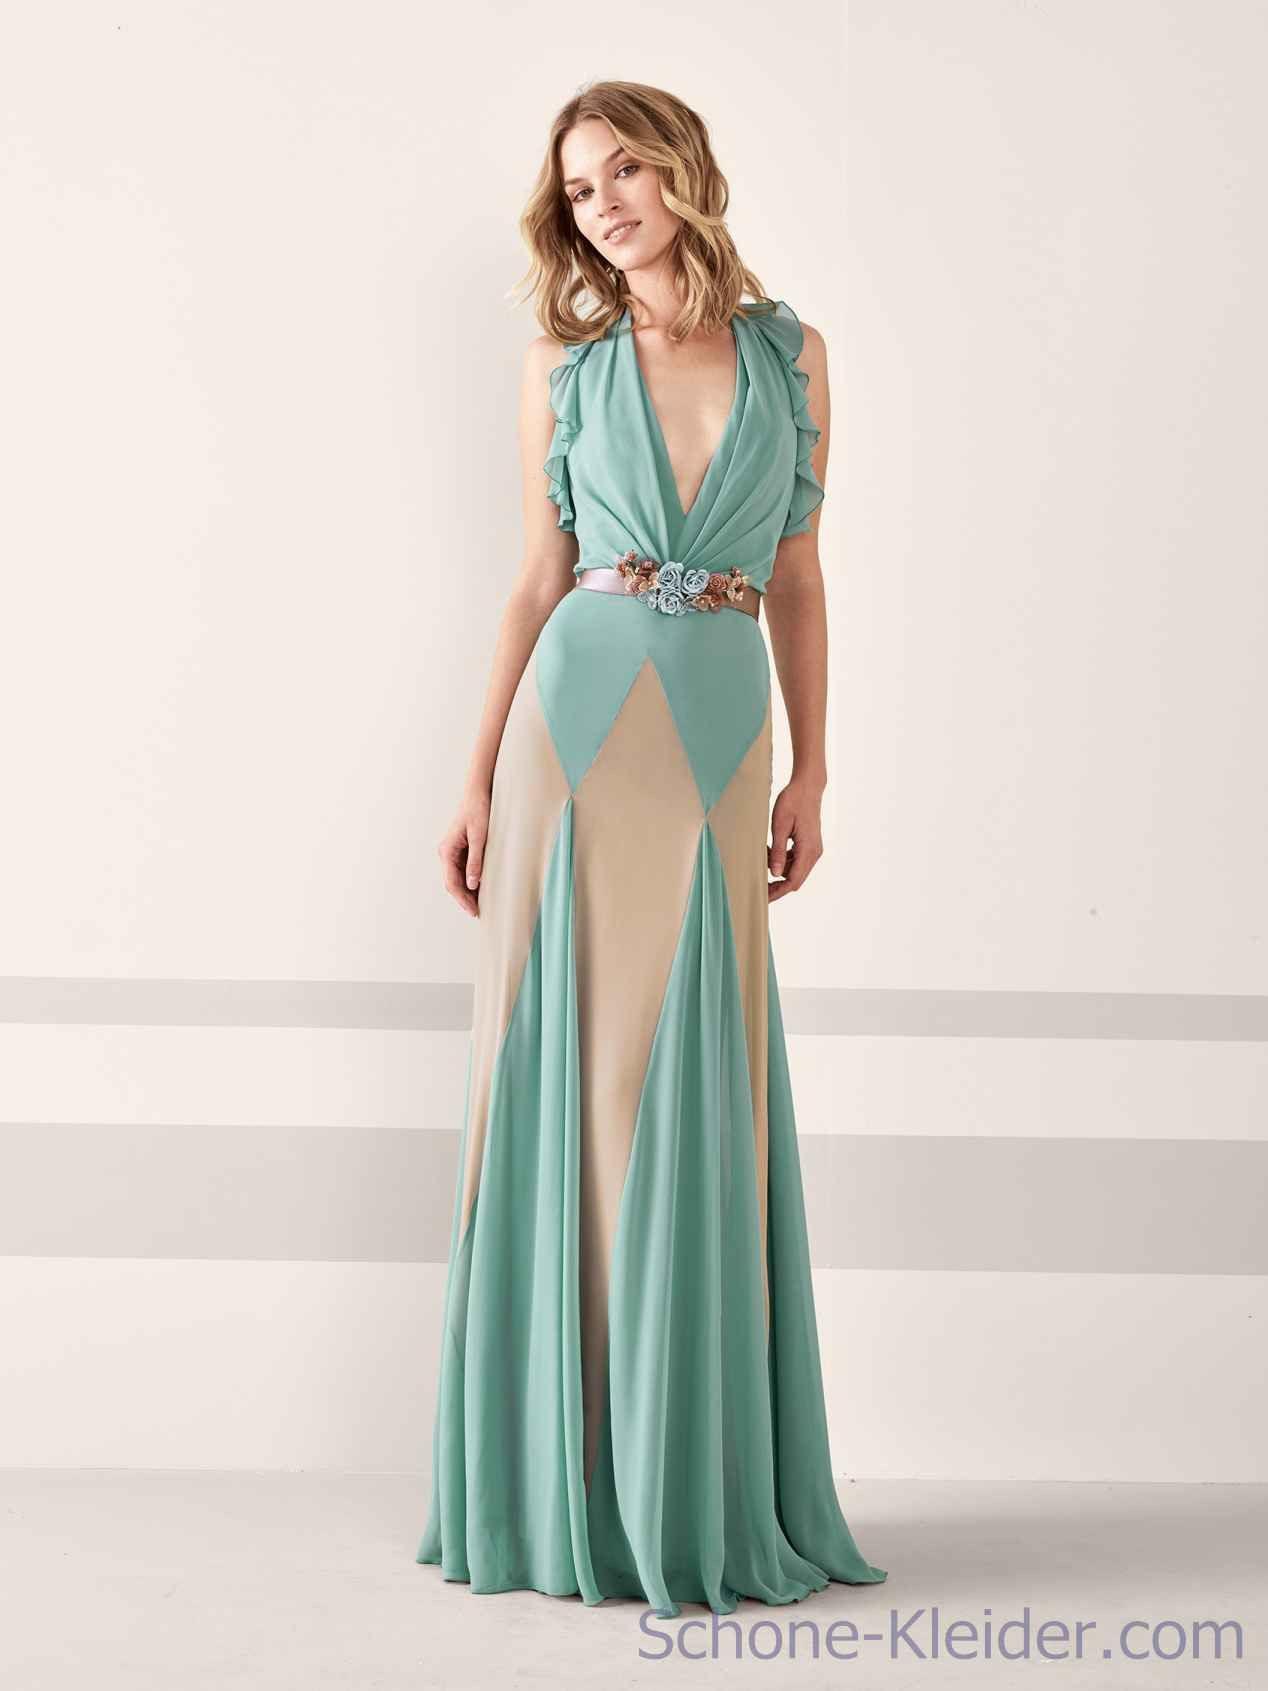 Designer Fantastisch Modische Abendkleider DesignFormal Schön Modische Abendkleider für 2019